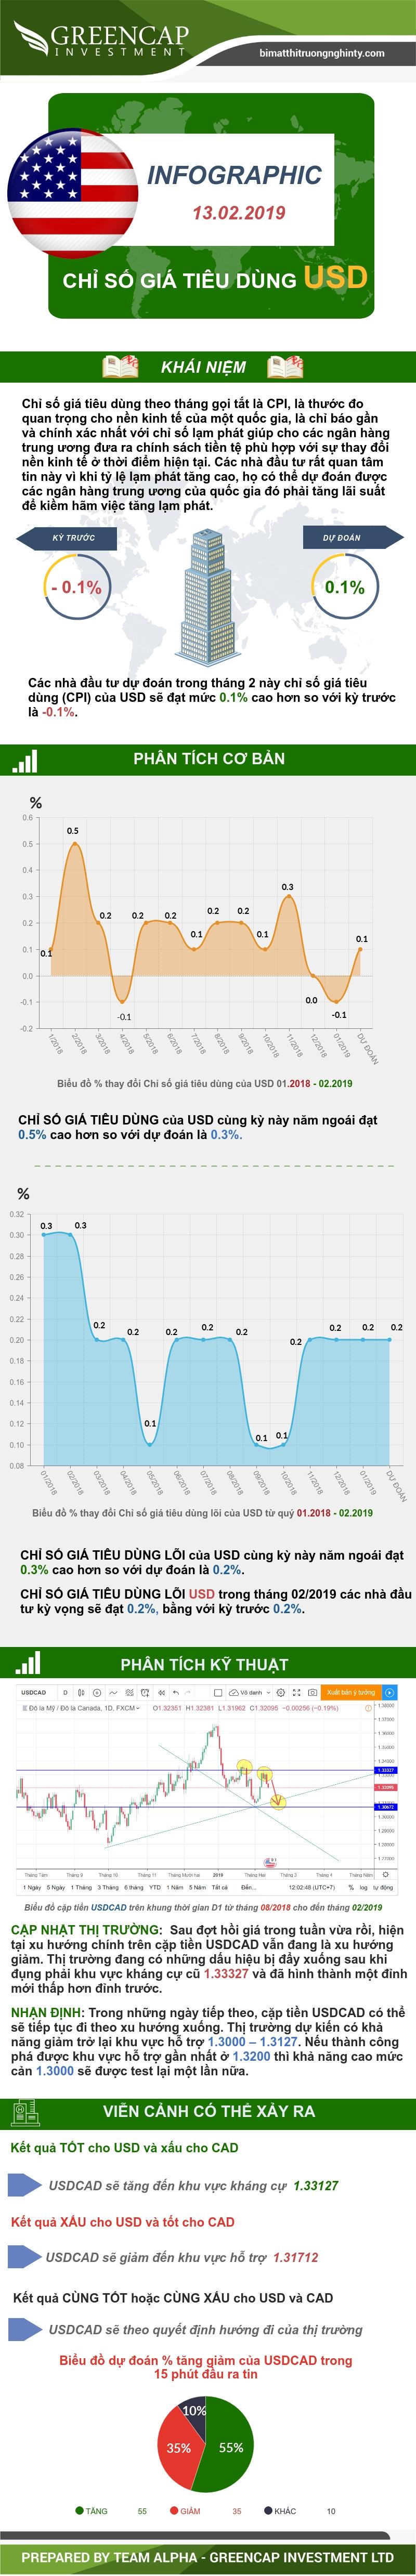 Chỉ số giá tiêu dùng CPI USD 13/02/2019